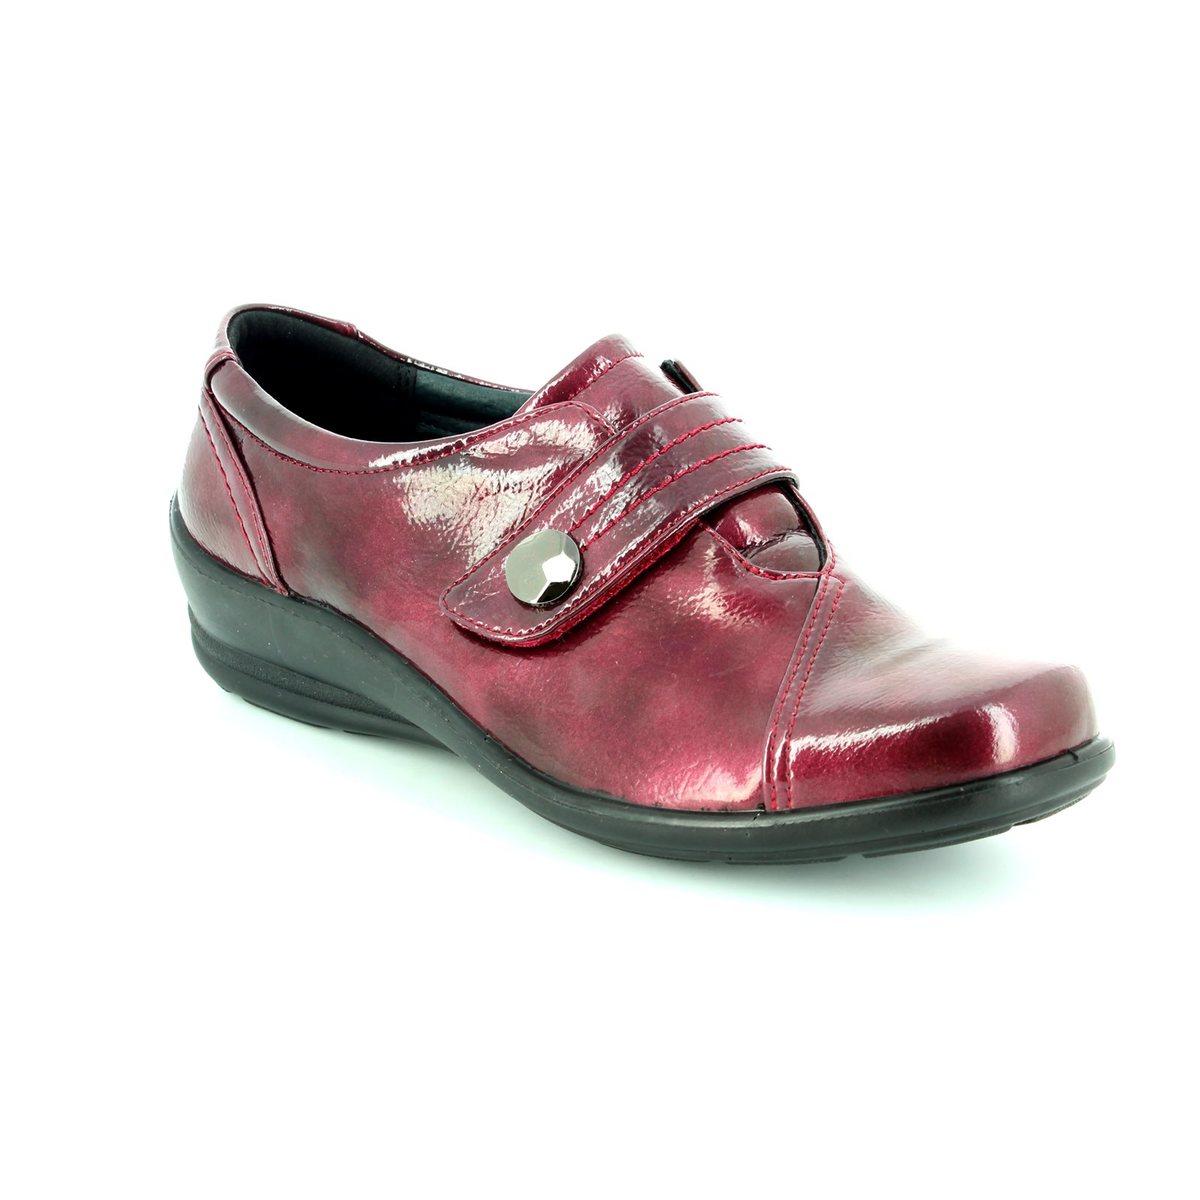 77b0b113c7c Padders Comfort Shoes - Wine patent - 0200 12 SIMONE E-2E FIT